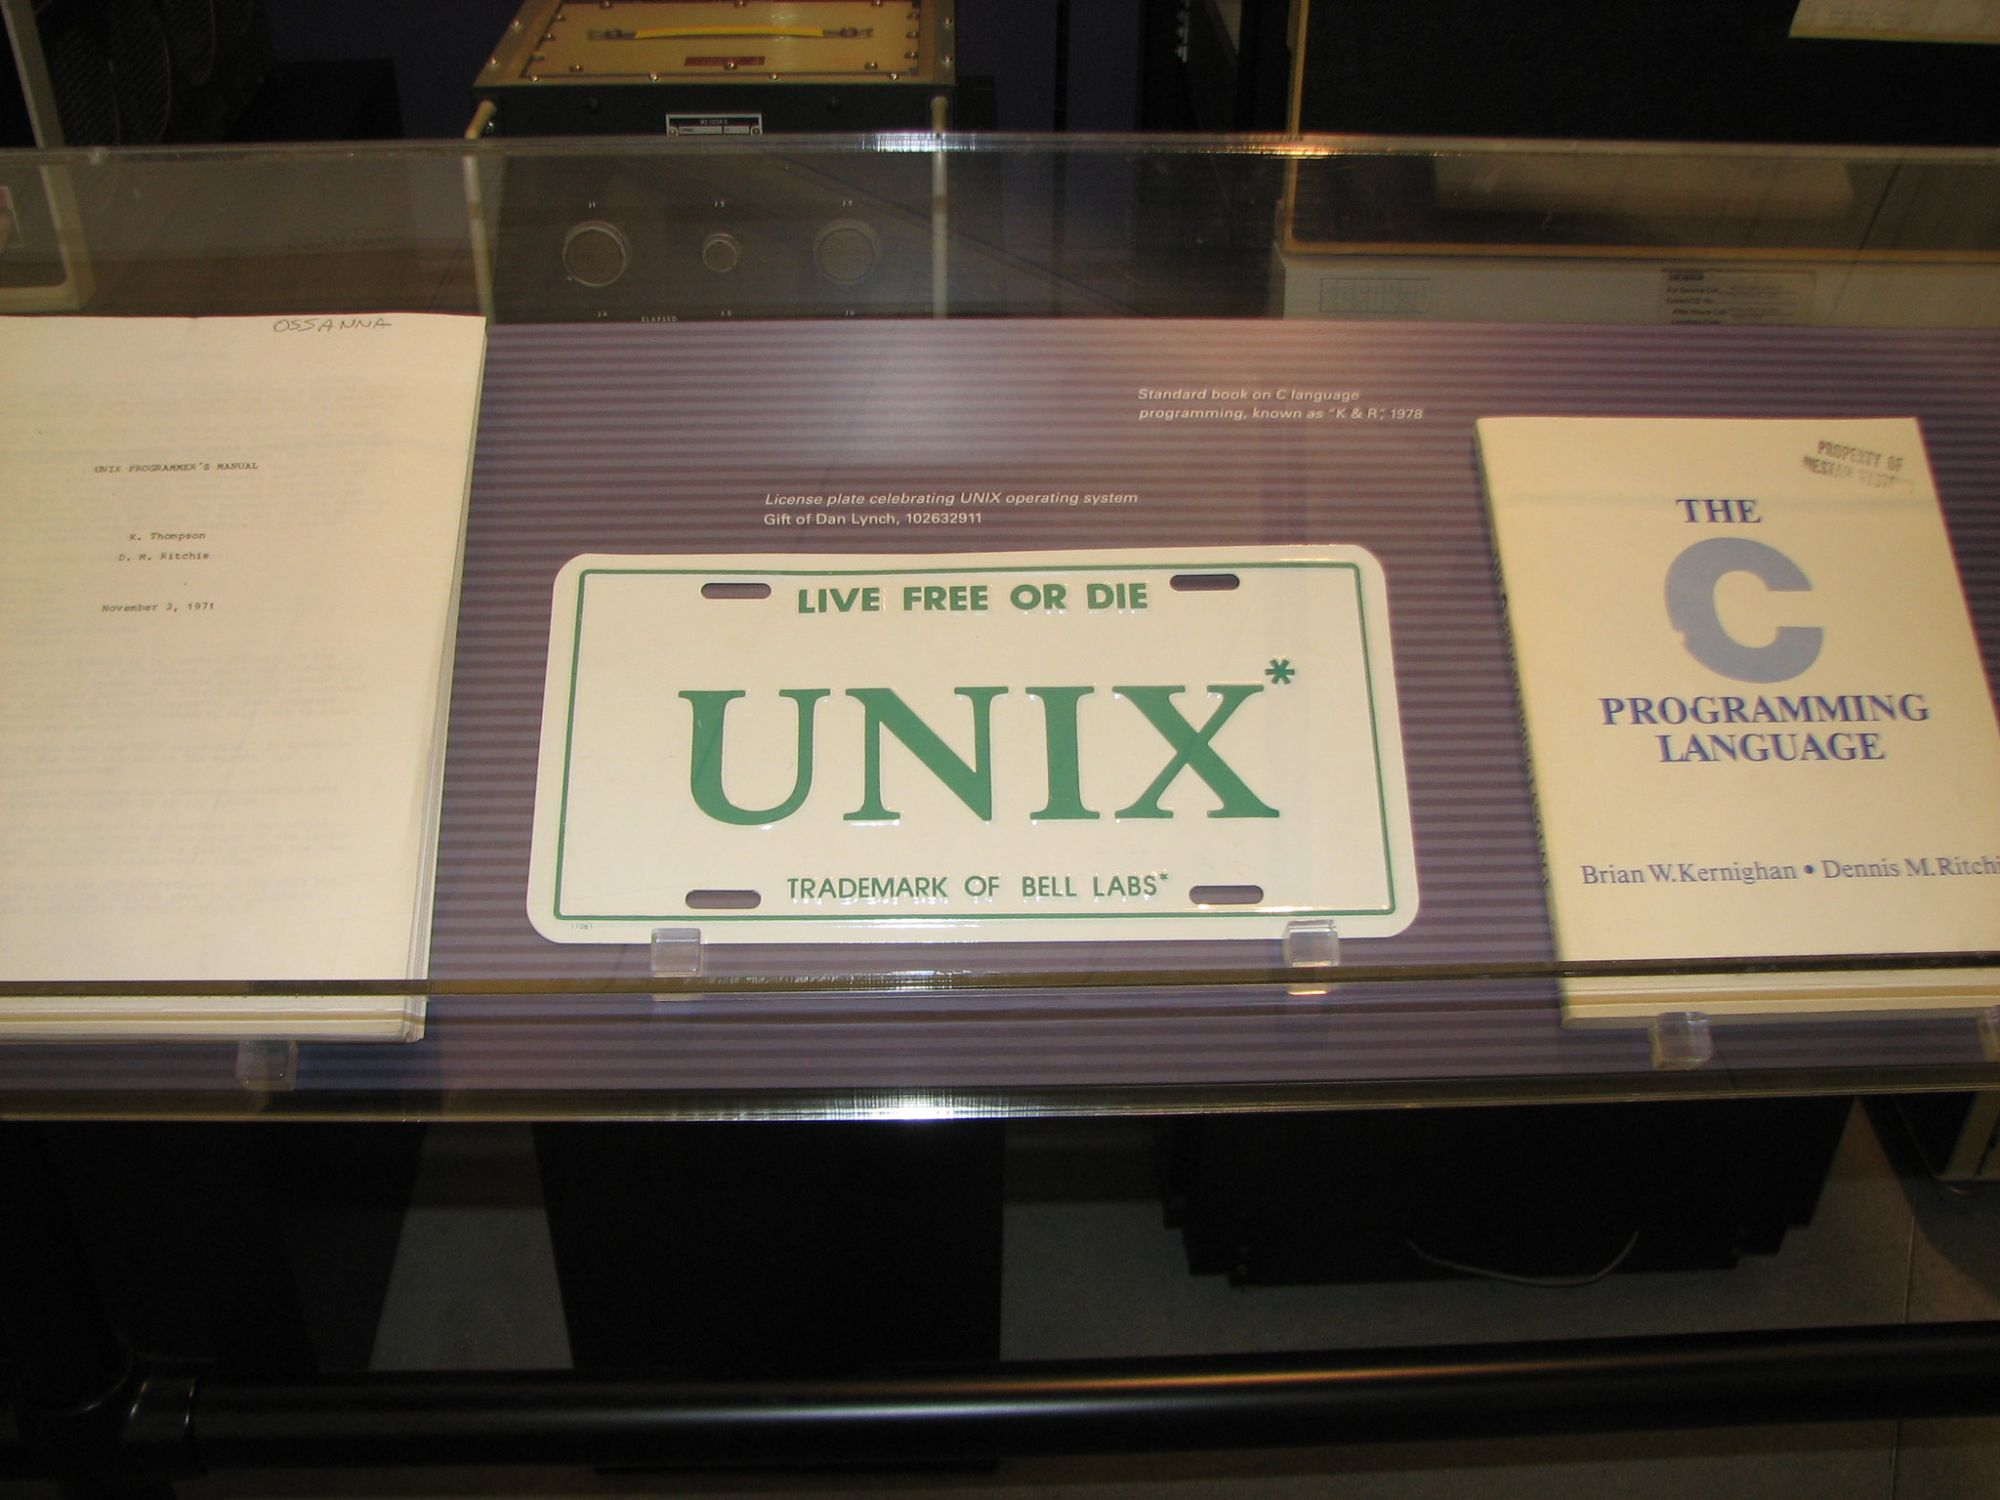 9 сентября 1941 года родился выдающийся программист Деннис Ритчи